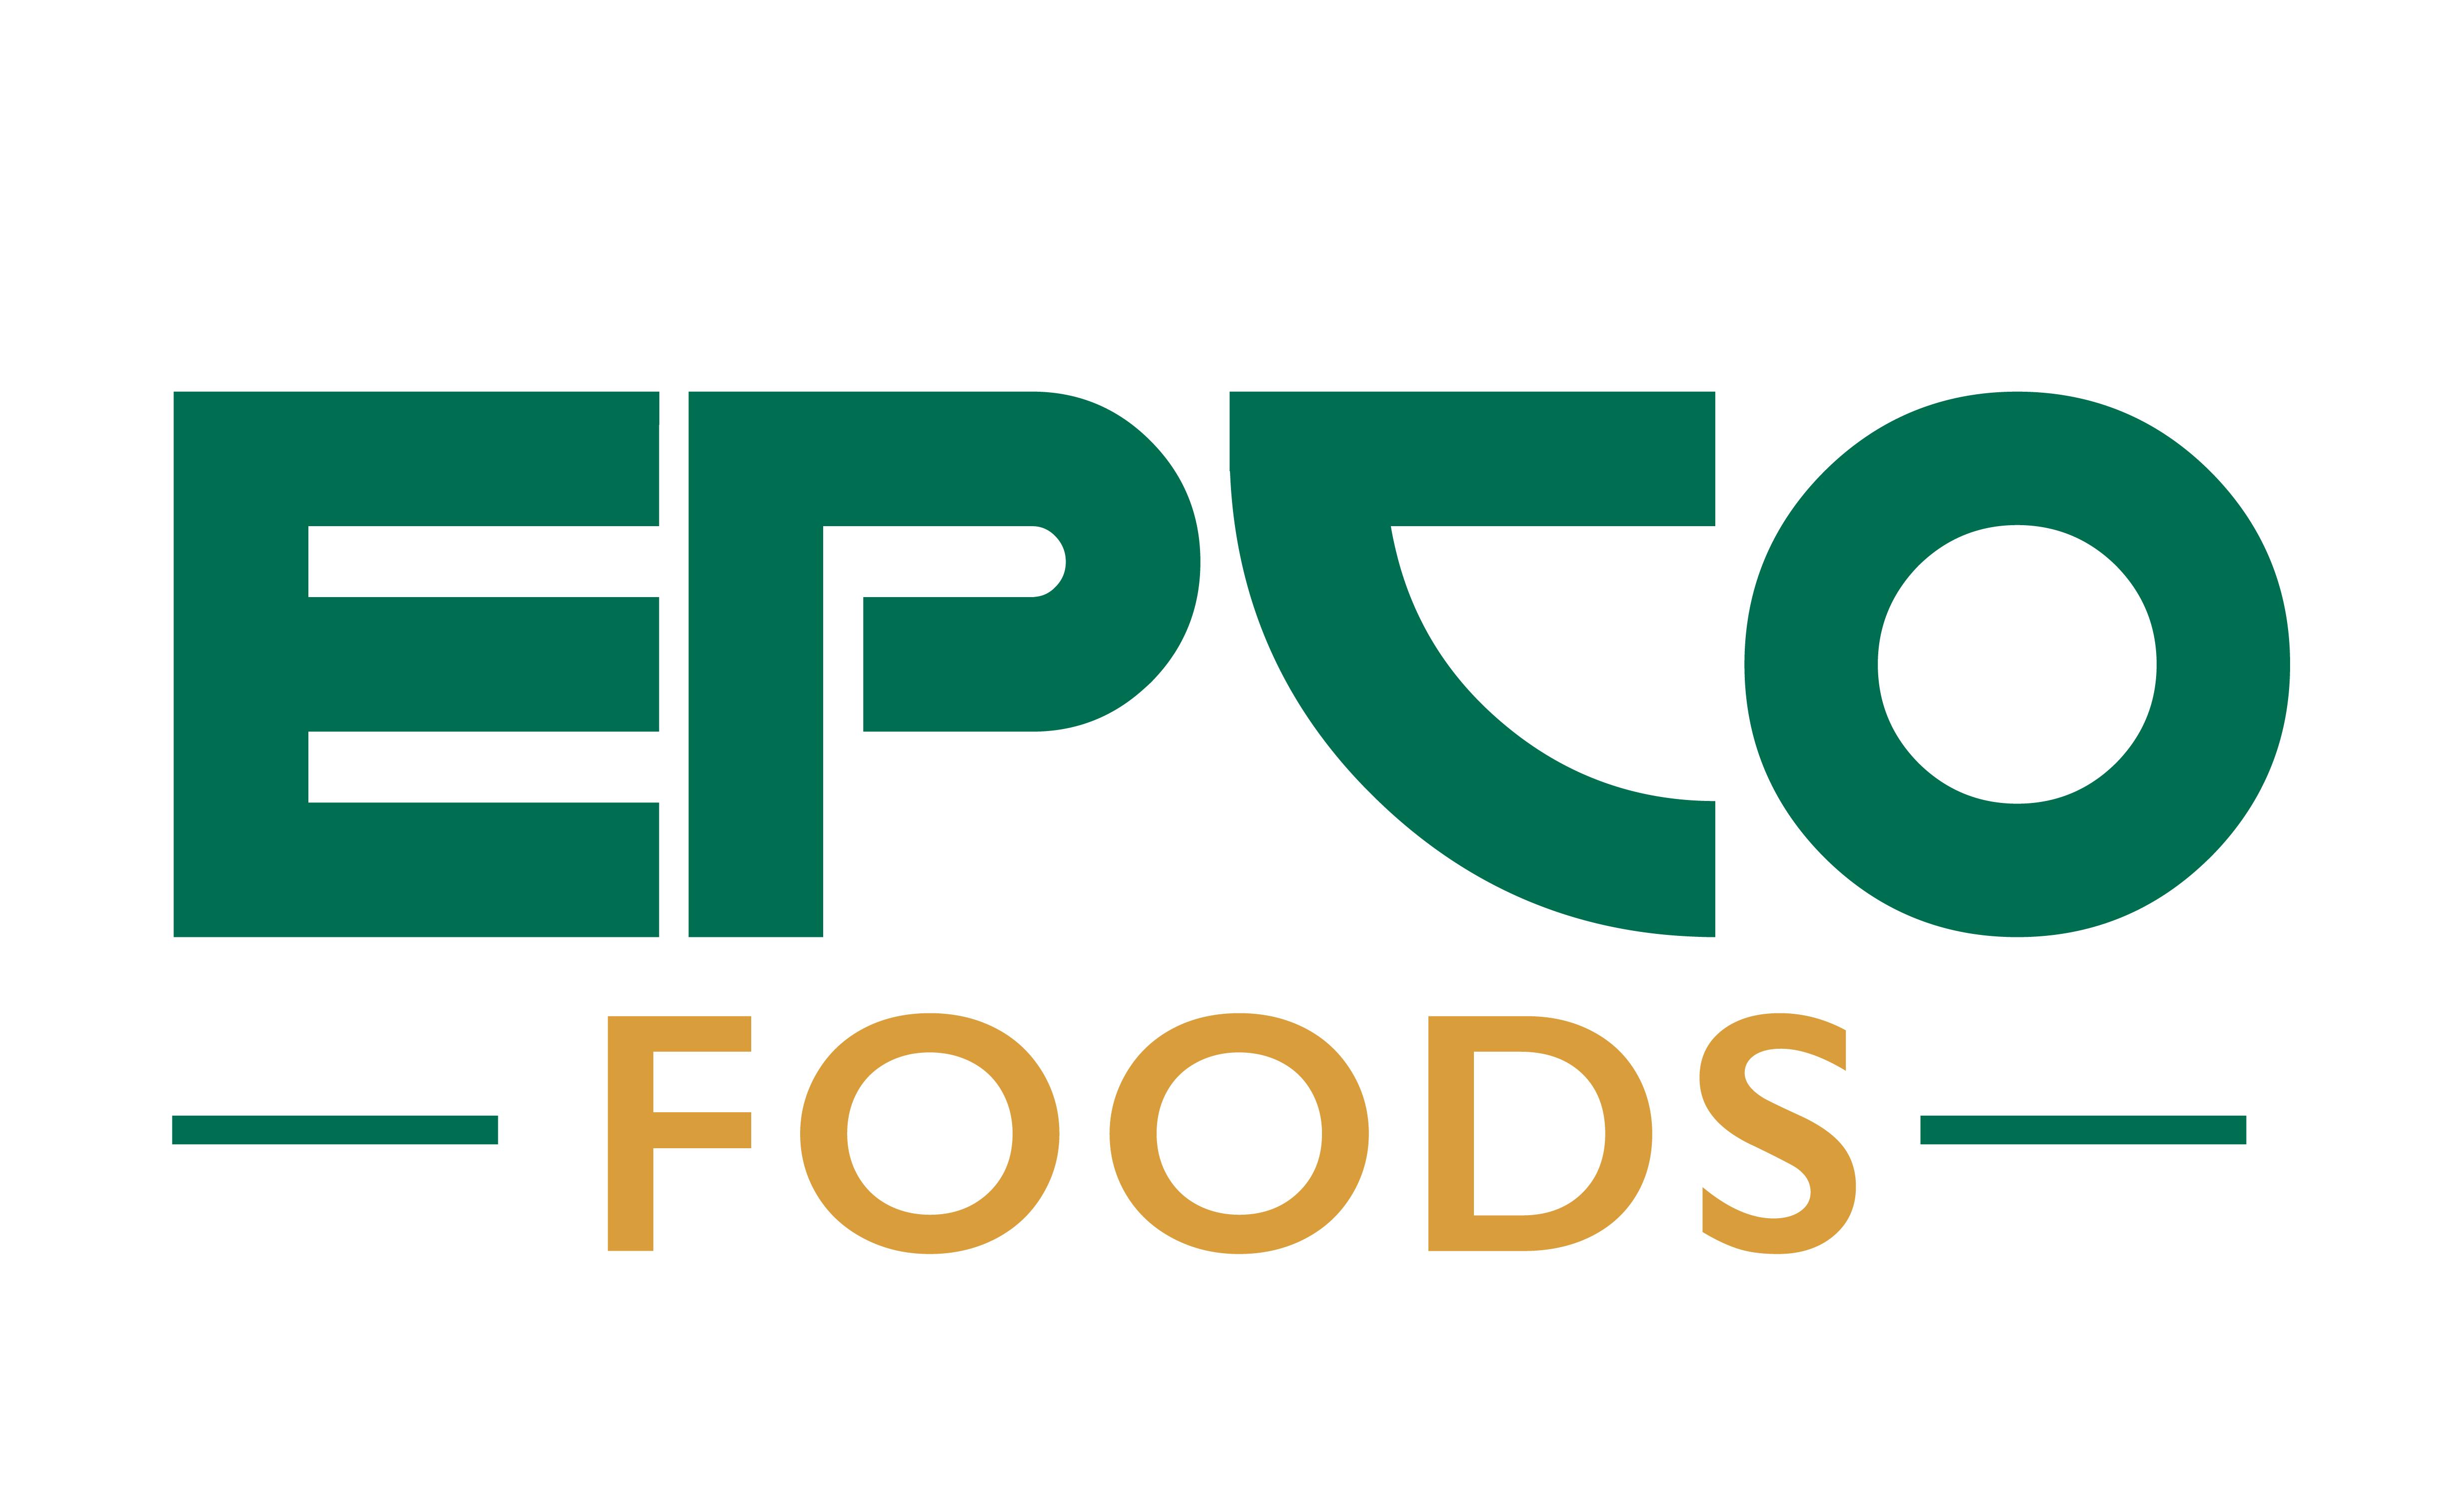 Epco Foods-